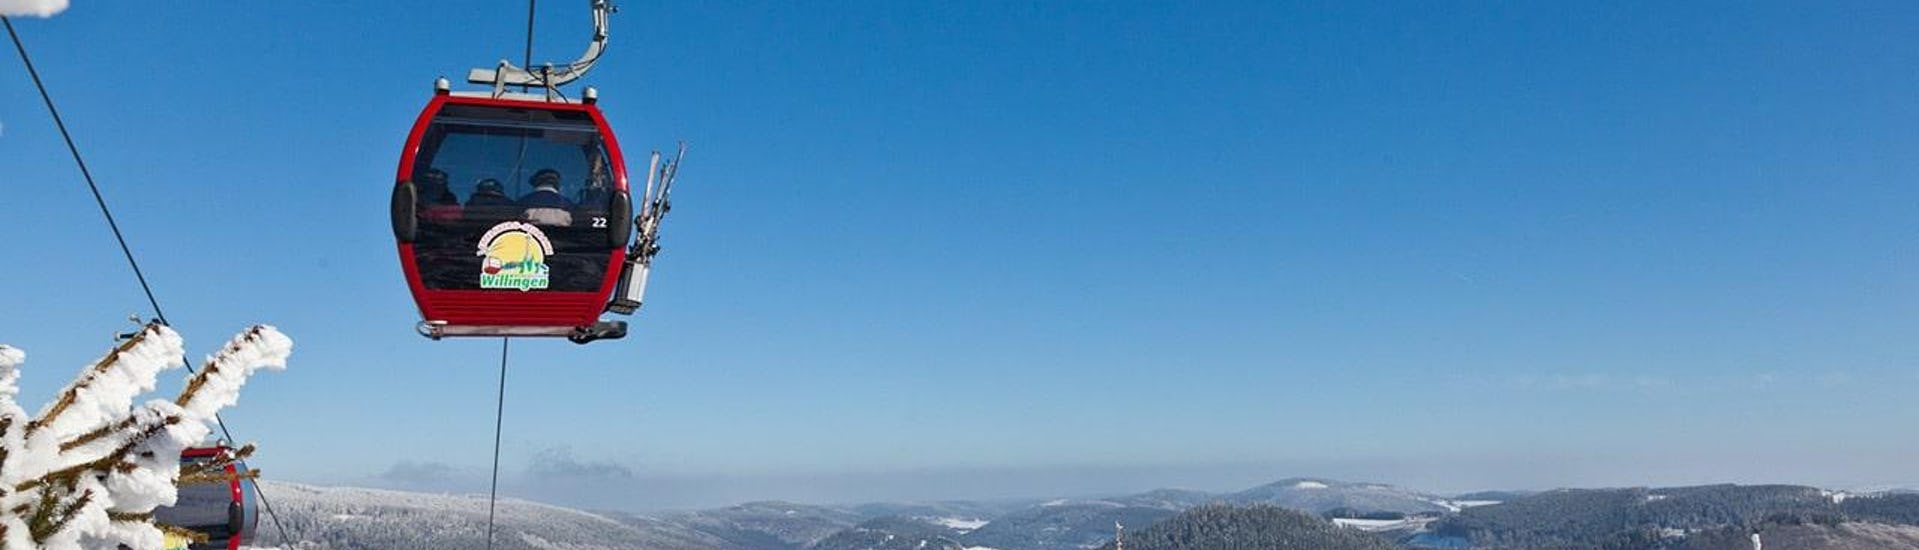 Während eines Skikurses der Skischule Snow & Bike Factory Willingen genießen die Teilnehmer die atemberaubende Aussicht auf das Skigebiet Willingen.